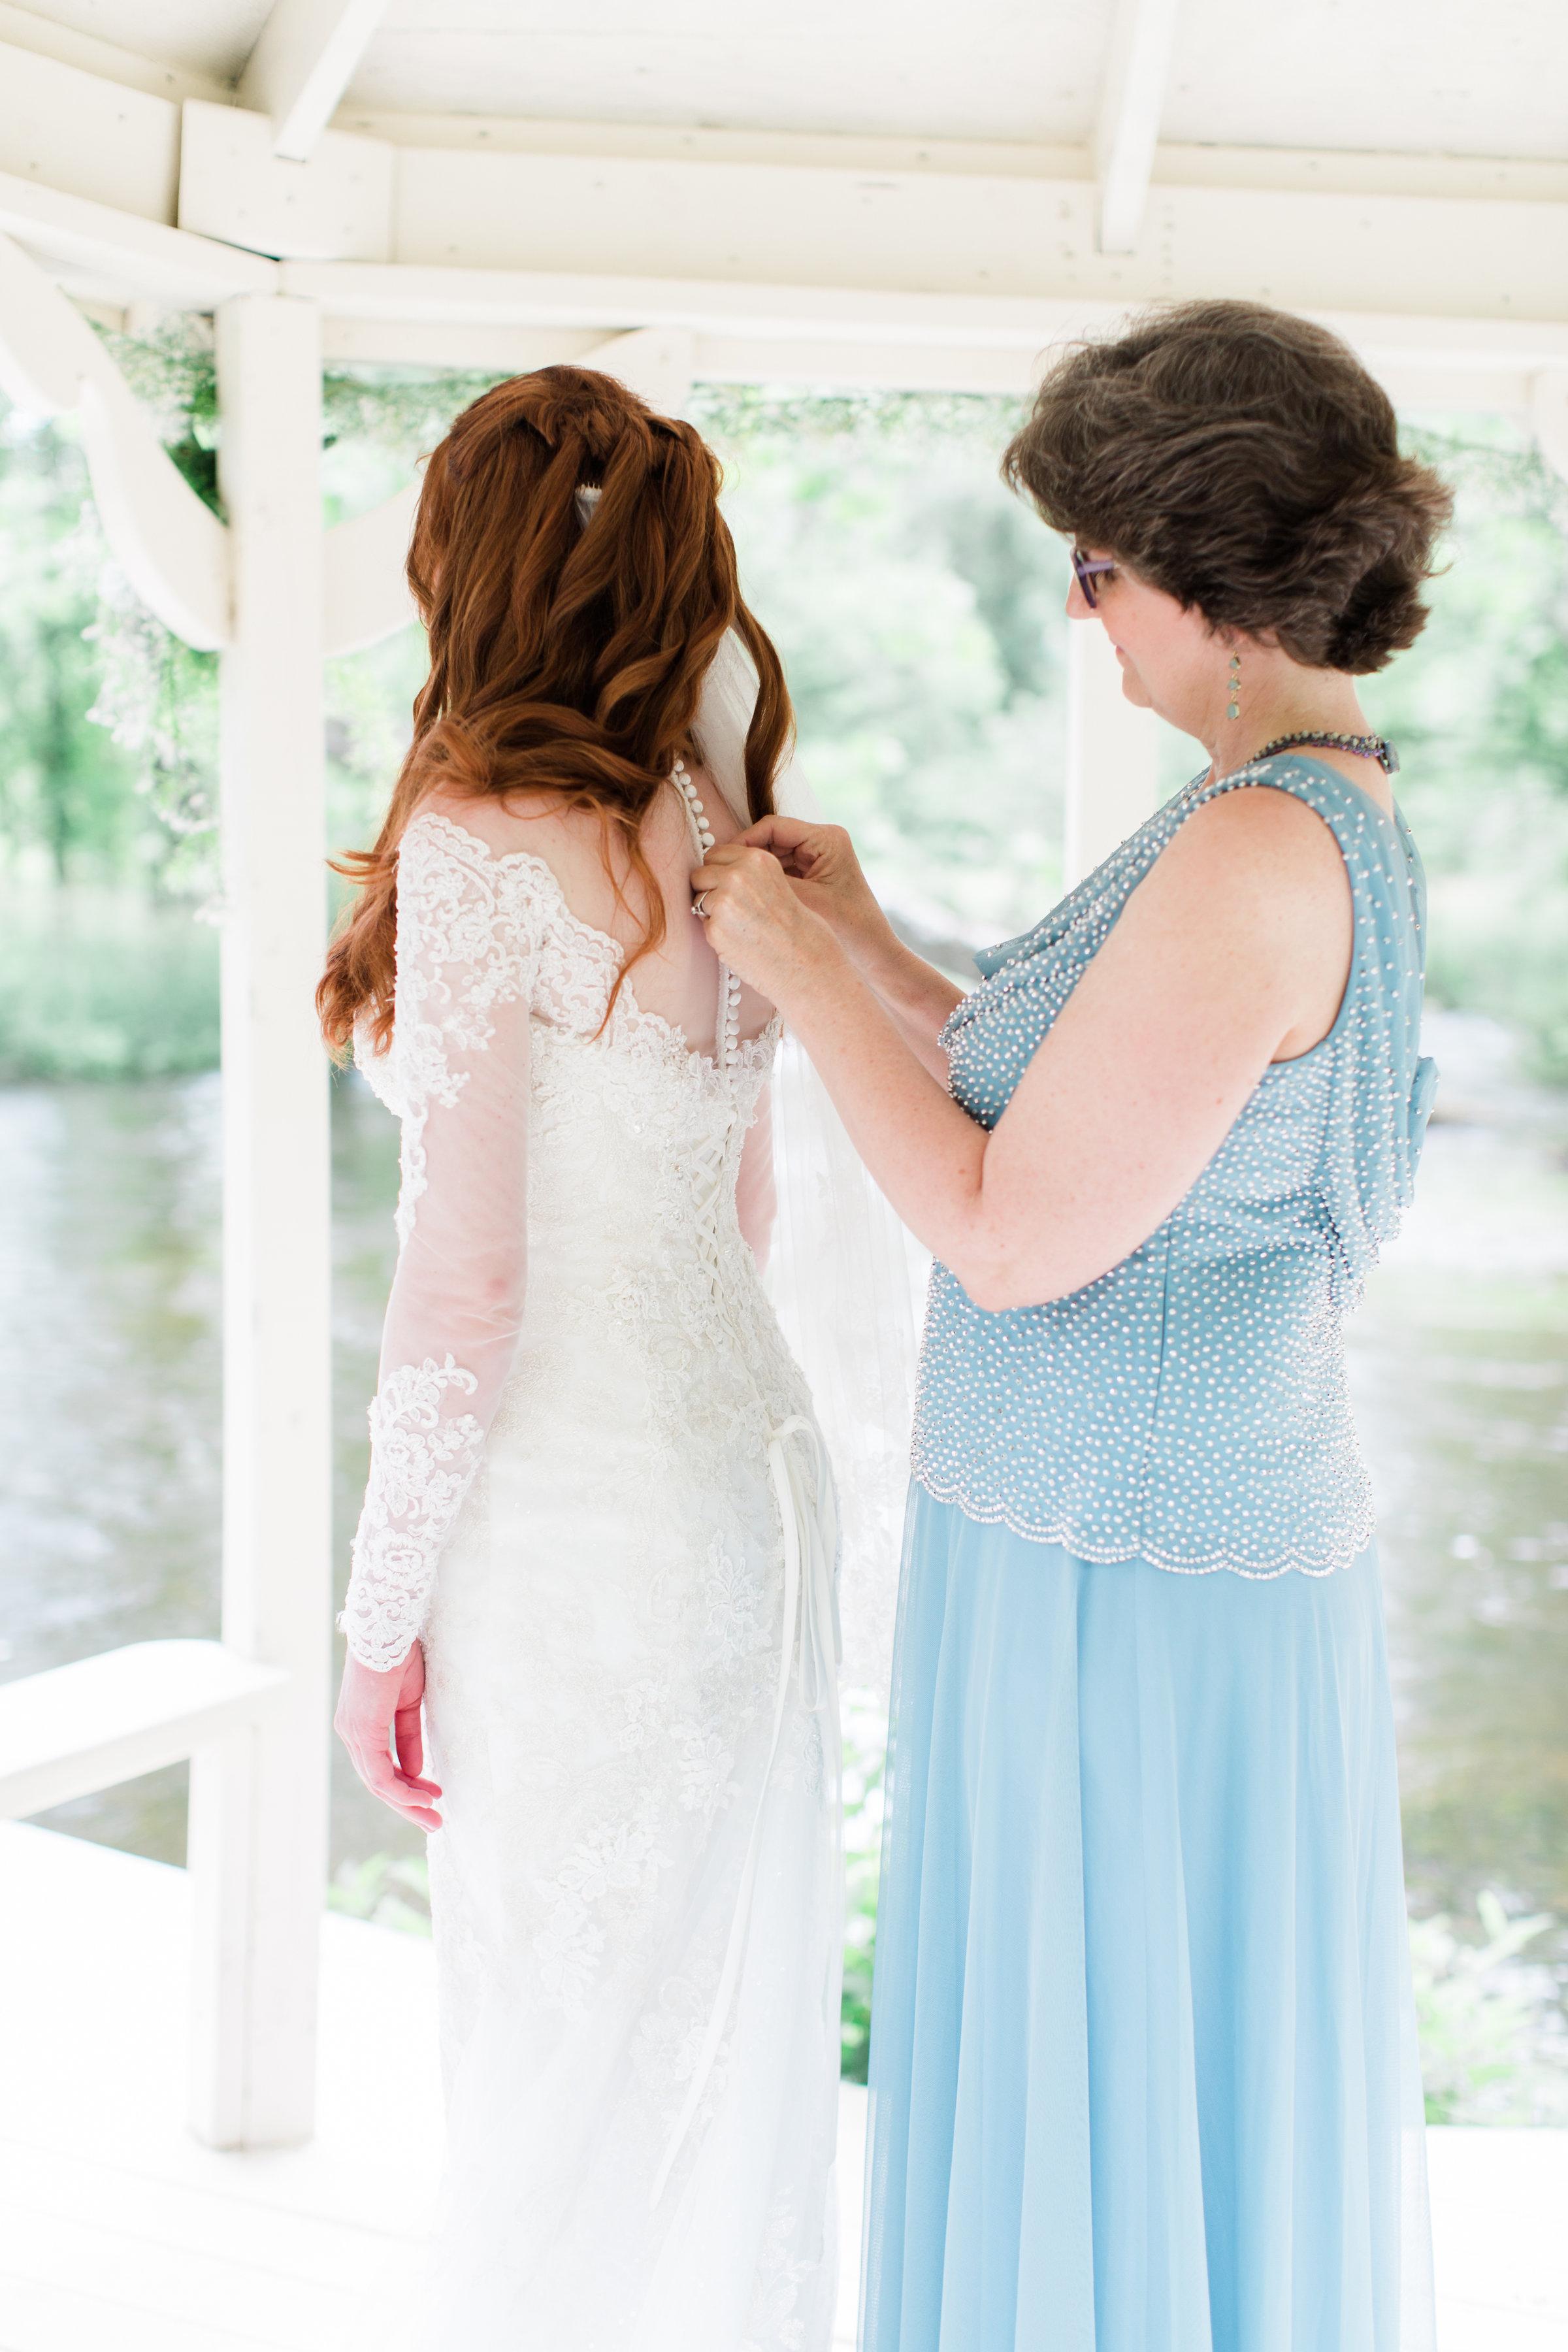 Conger+Wedding+Getting+Ready-13.jpg